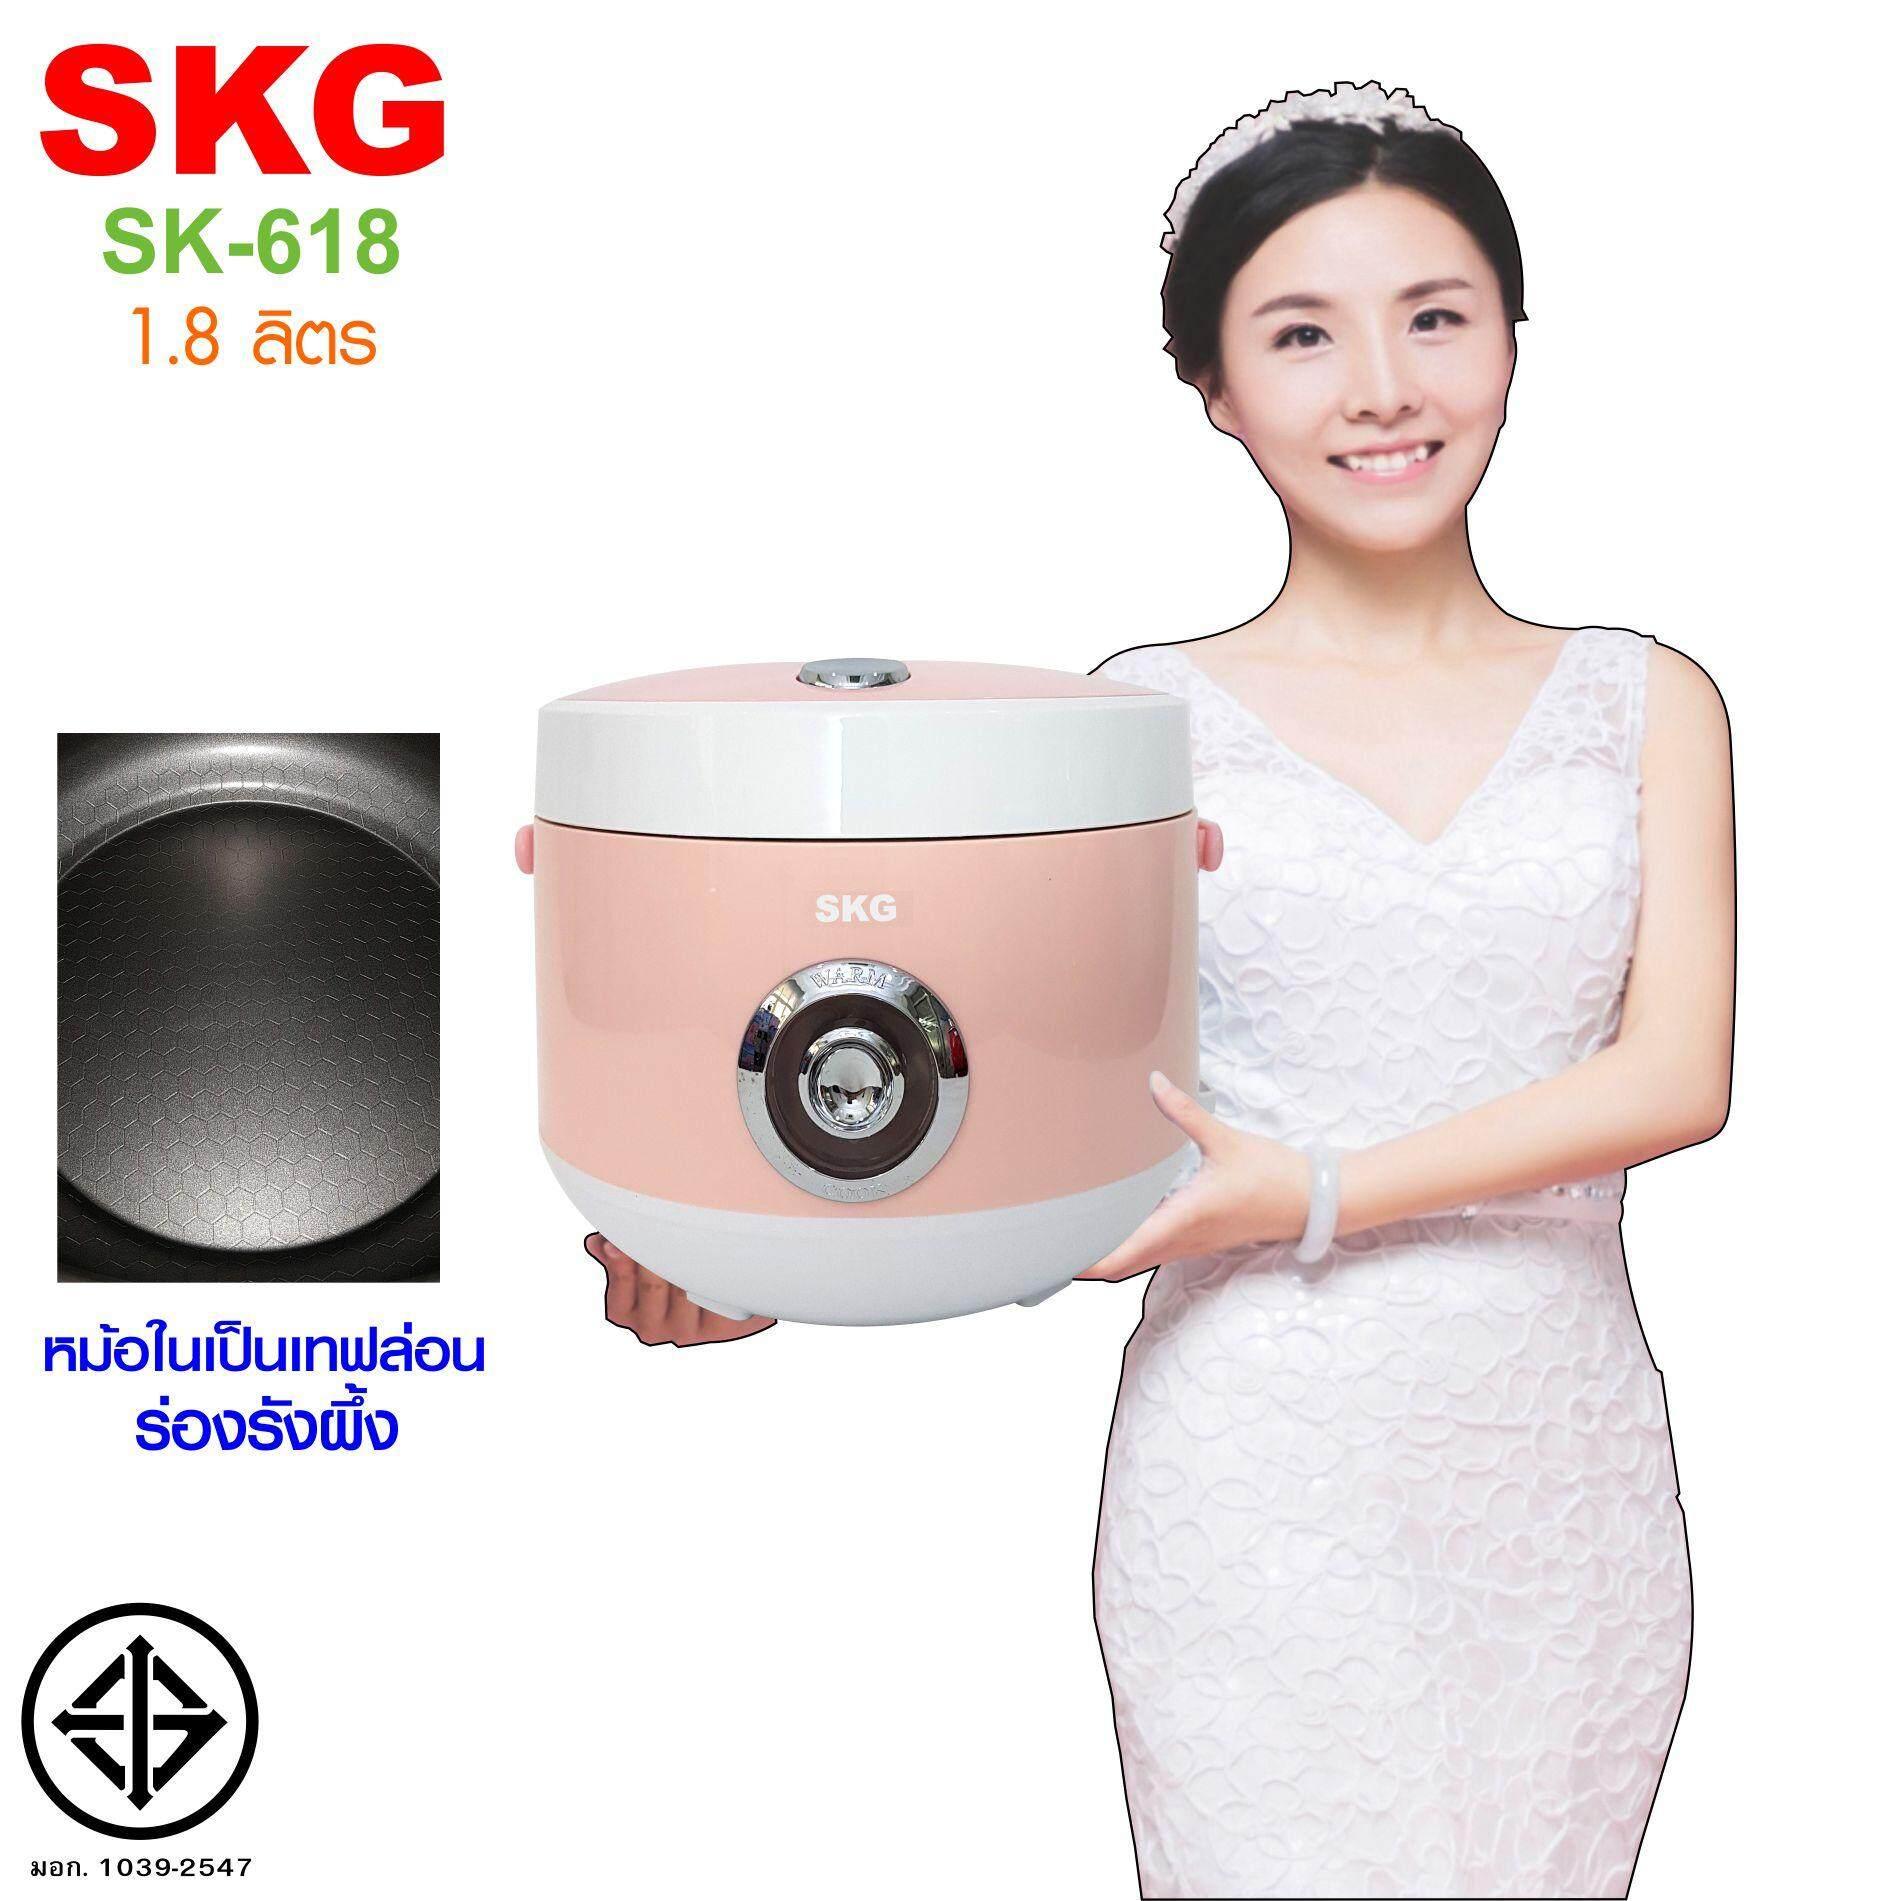 SKG หม้อหุงข้าวอุ่นทิพย์ 1.8 ลิตร  รุ่น SK-618